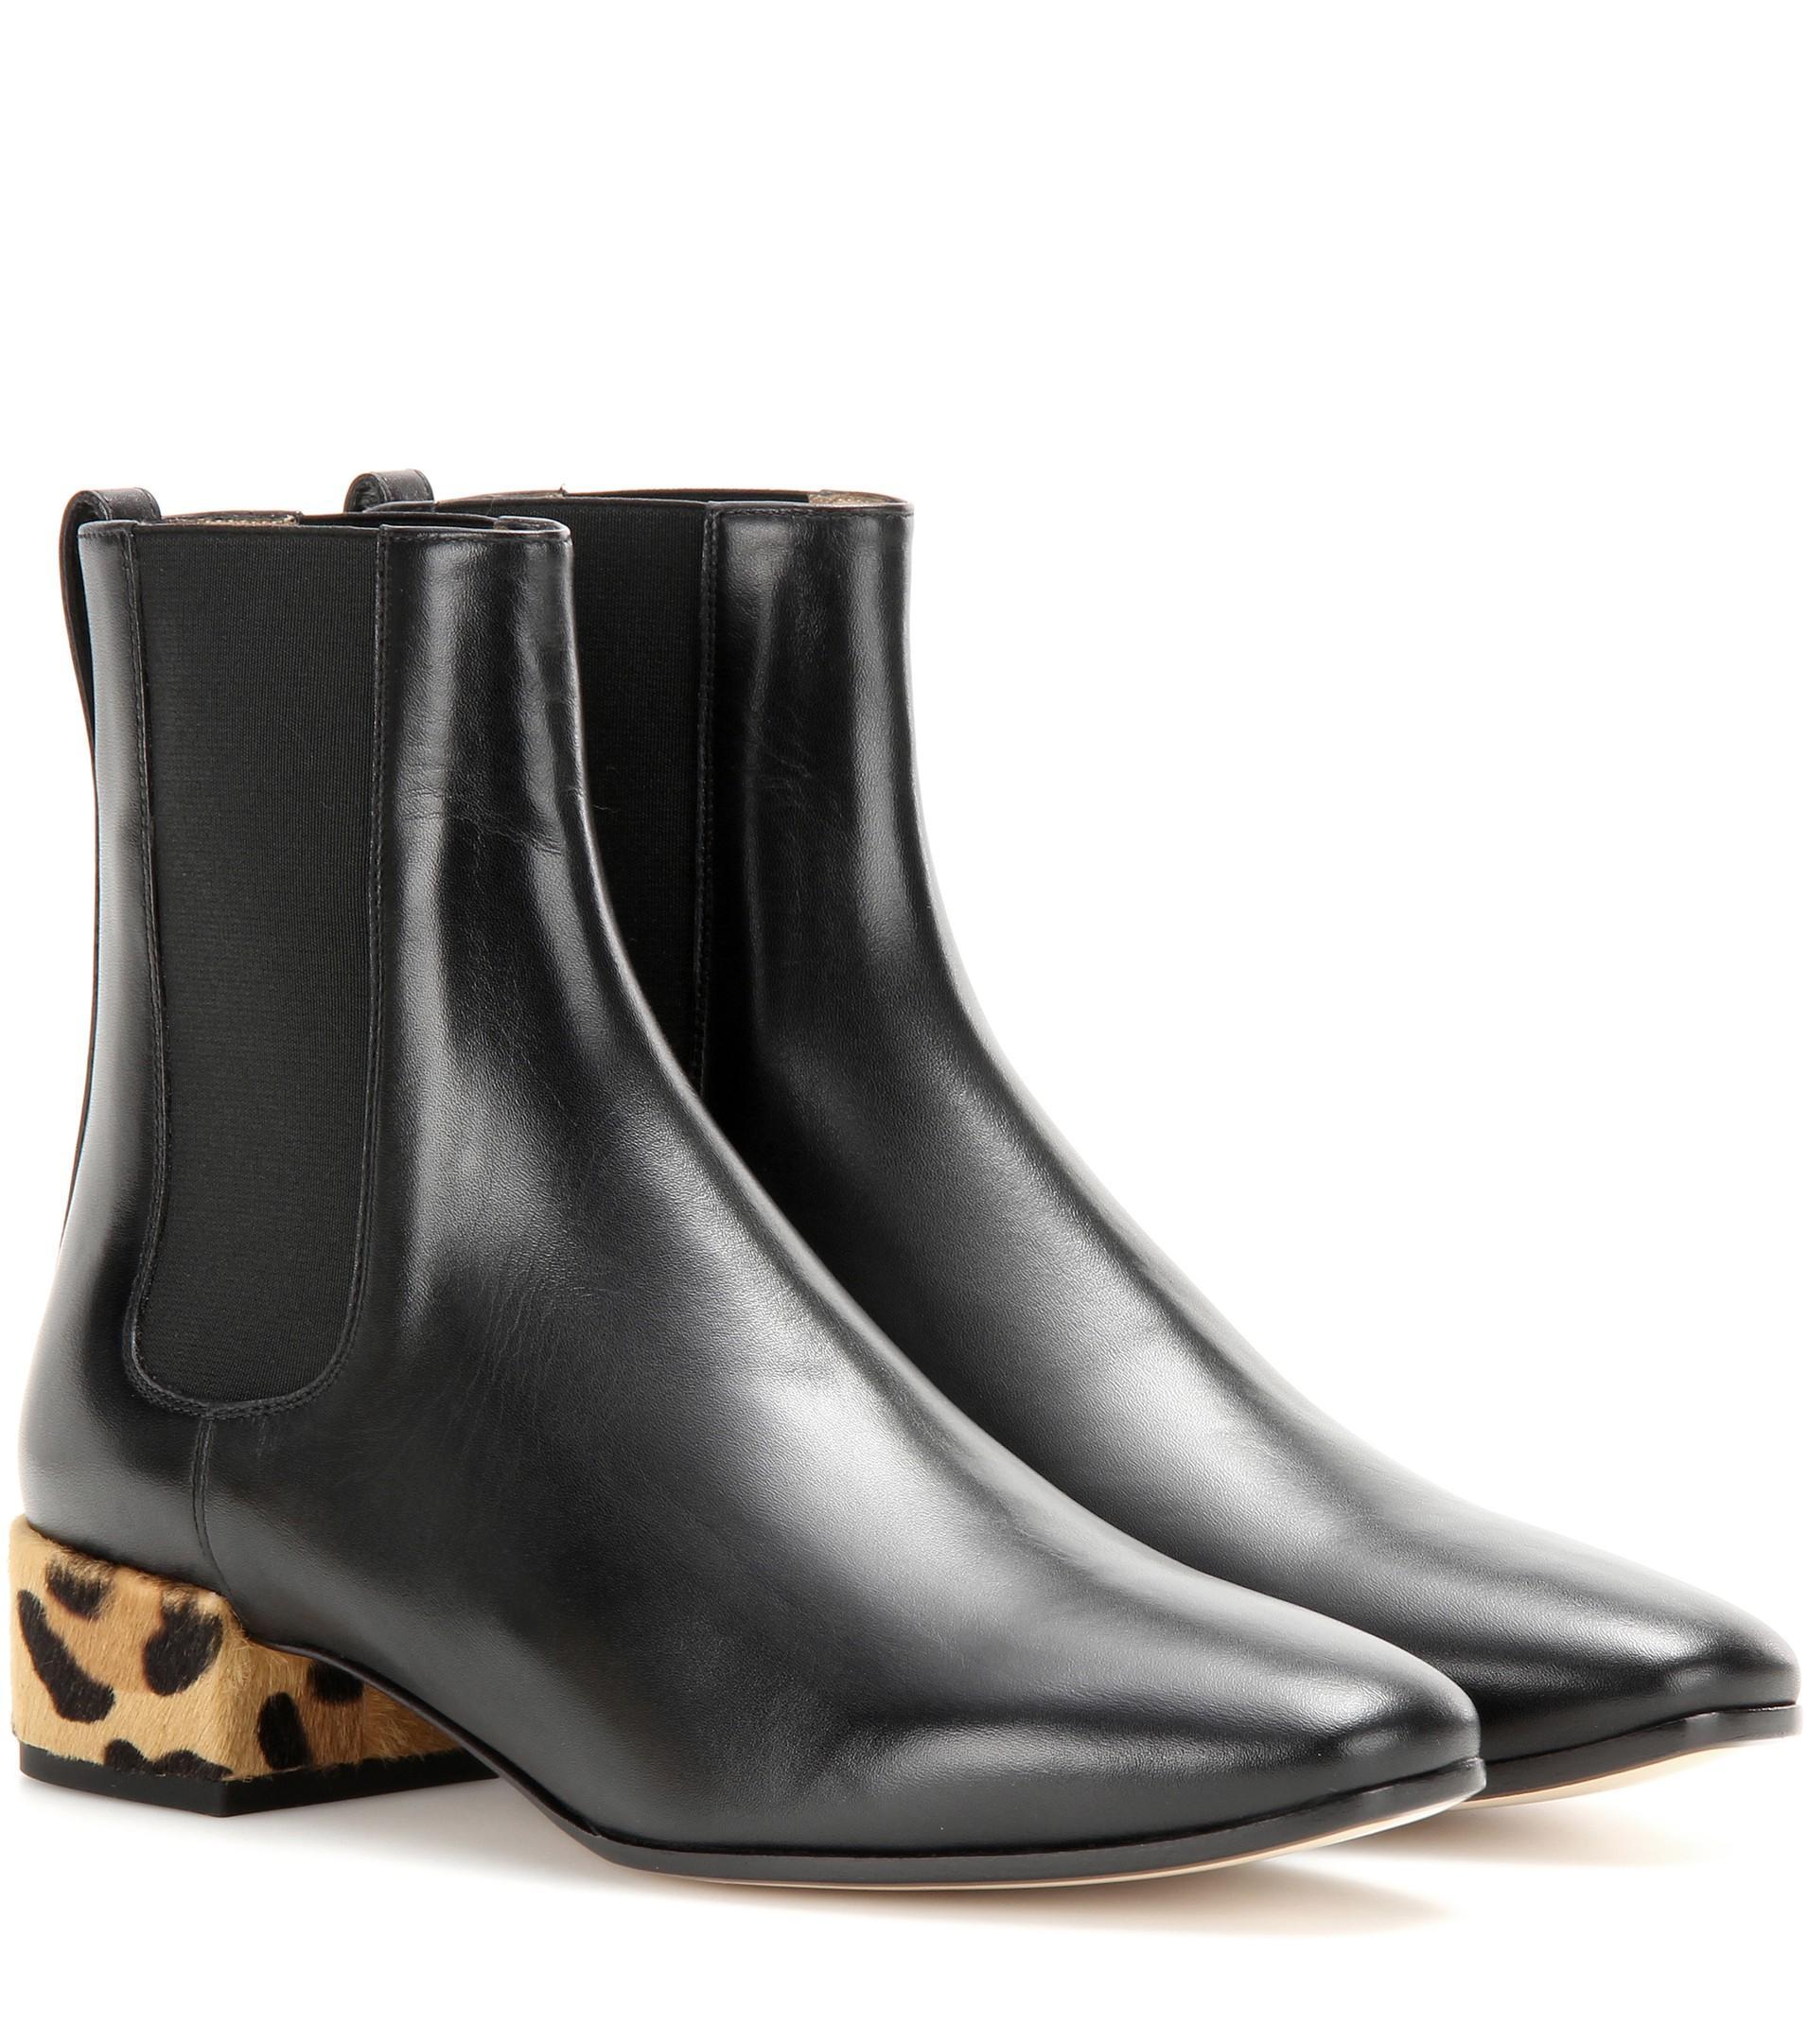 ea9f547b41 Chelsea Boots: gli stivaletti comodi per l'Autunno/Inverno 2016 ...